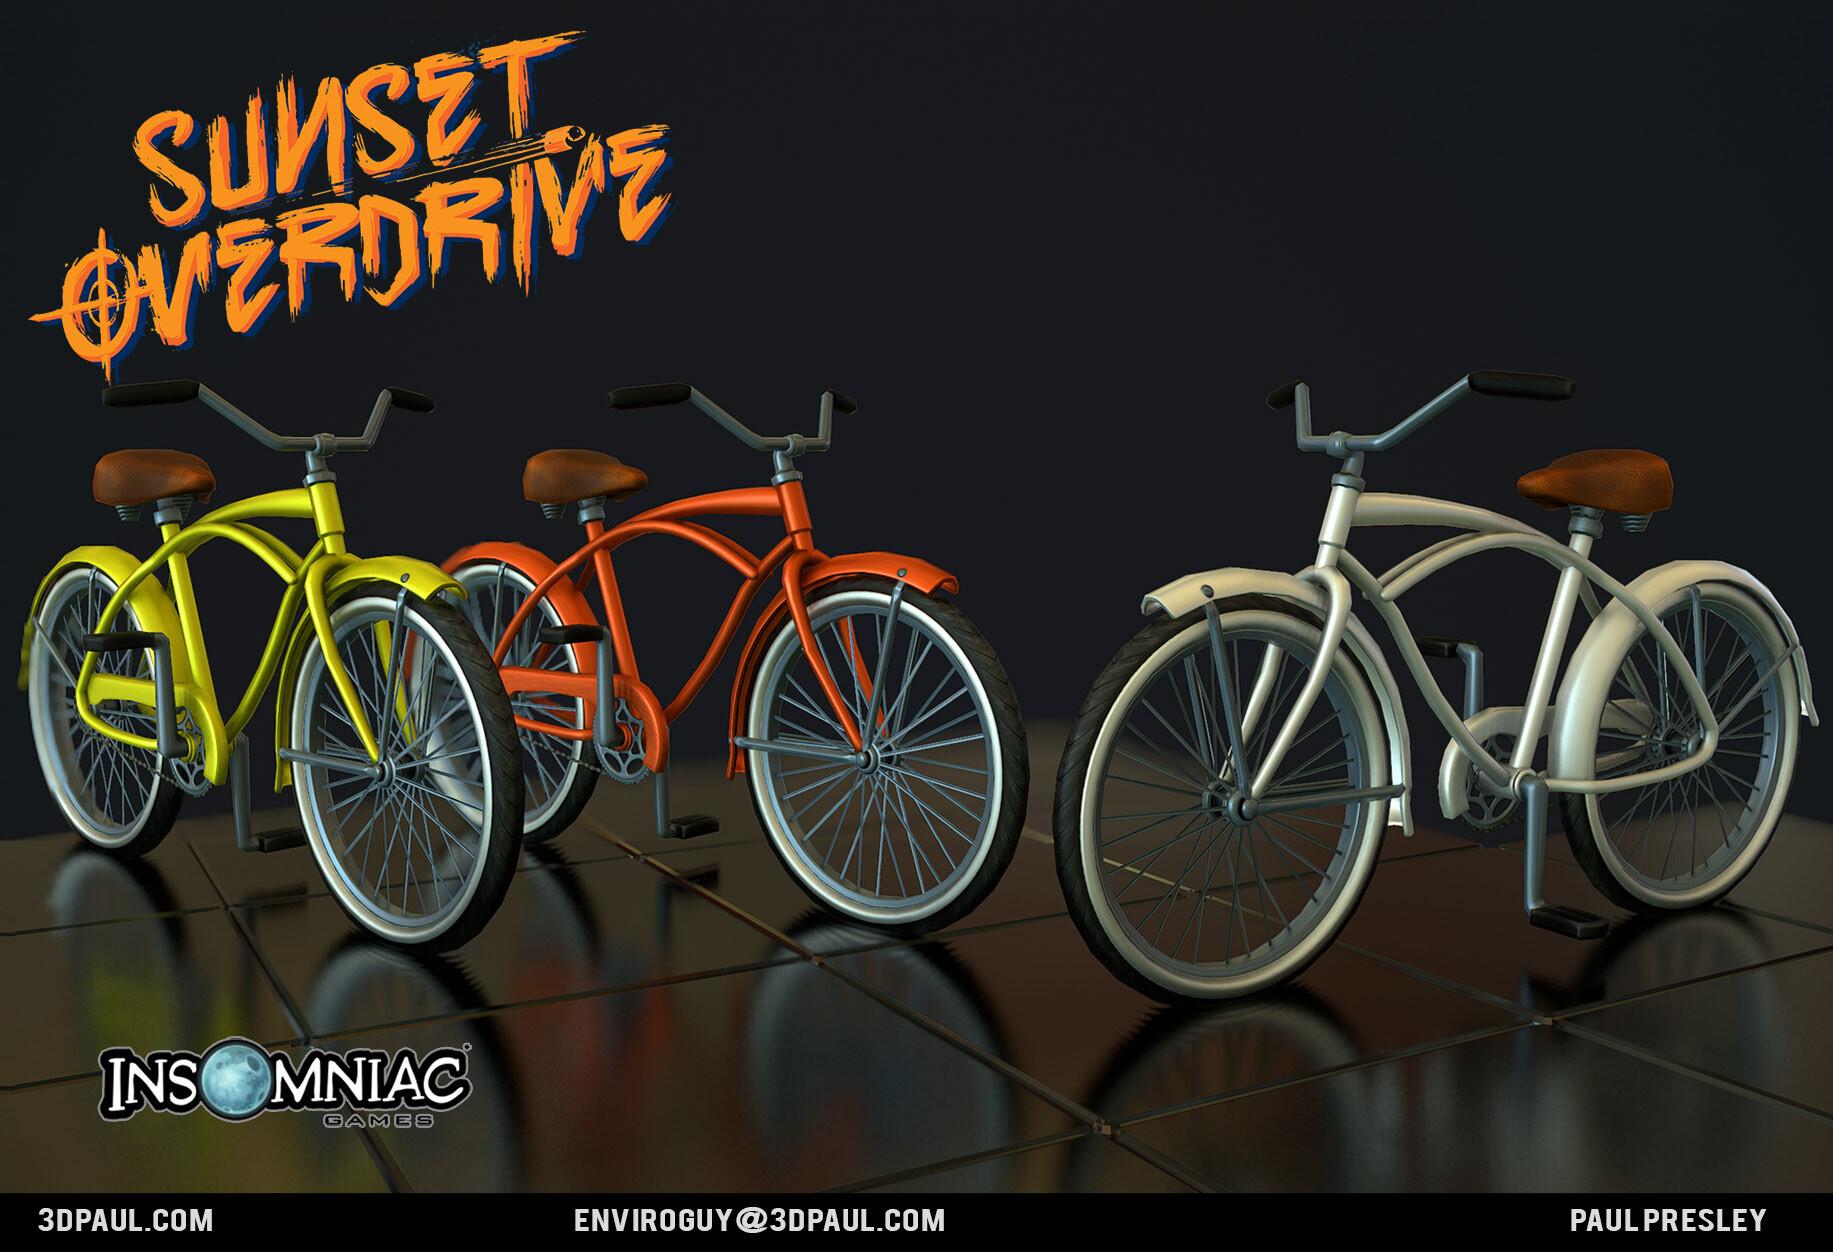 Paul presley ig 05 bikes